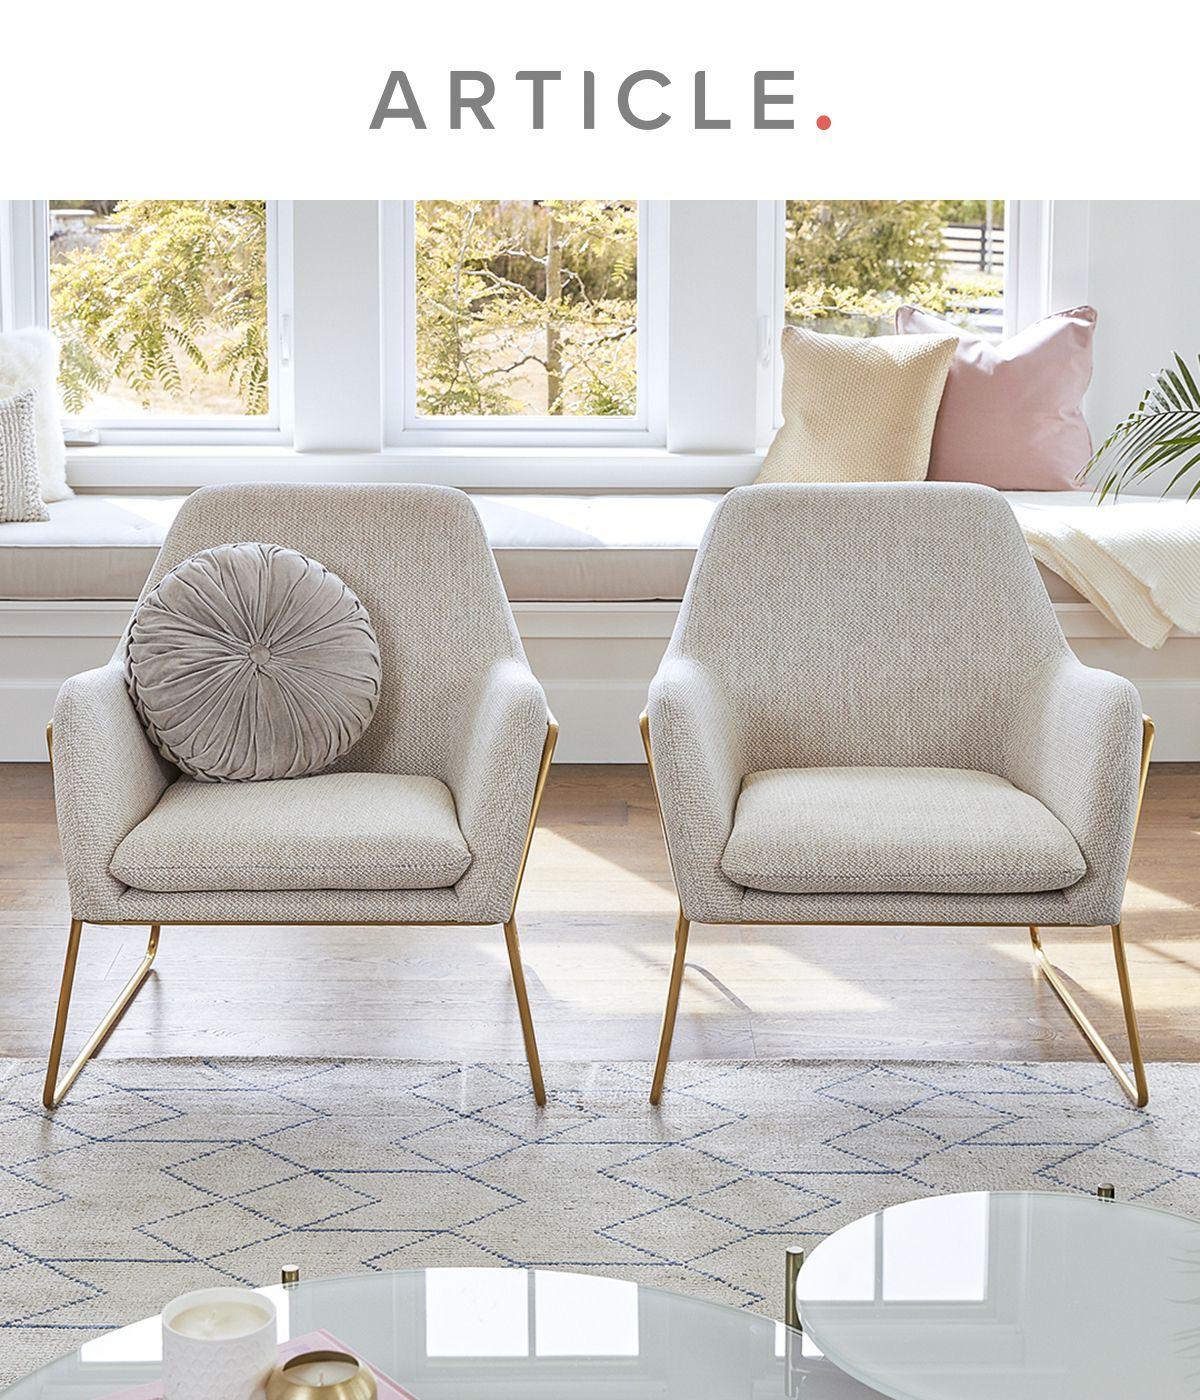 Forma Milkyway Ivory Chair Elegant Living Room Decor Small Living Room Chairs Elegant Living Room Elegant living room chairs